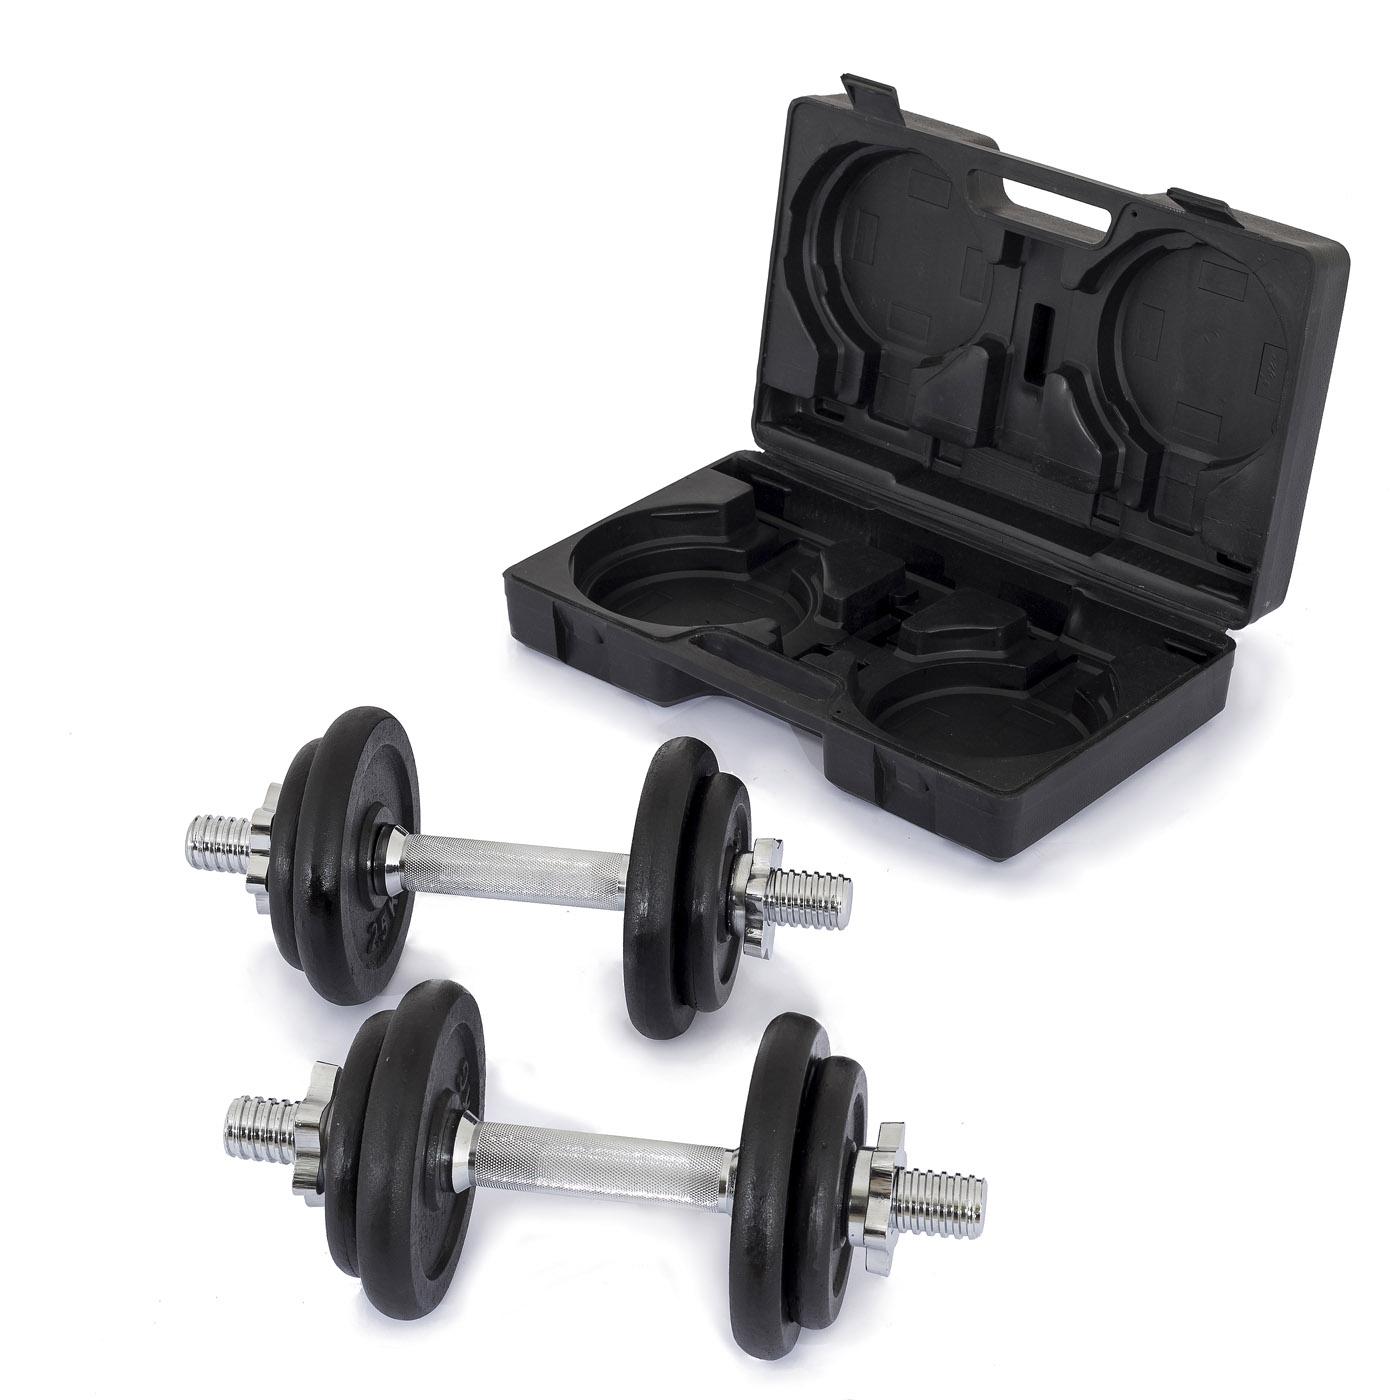 TRINFIT Činky jednoručky v kufříku 2x 10 kg /30 mm